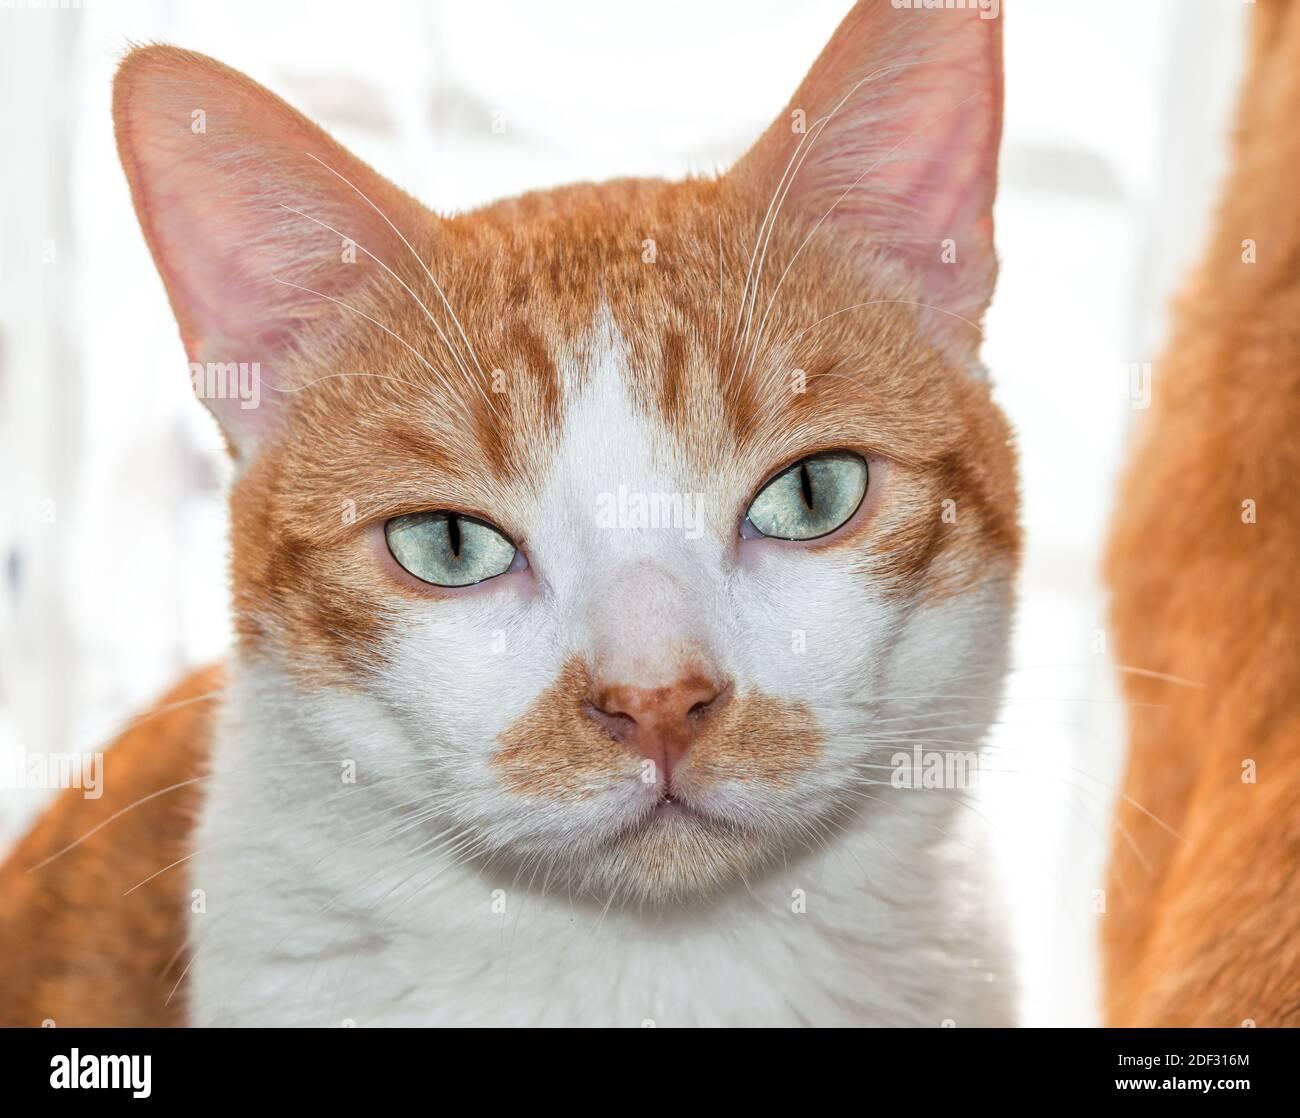 Chat à œil bleu regardant un appareil photo avec une fourrure blonde et blanche douce. Banque D'Images